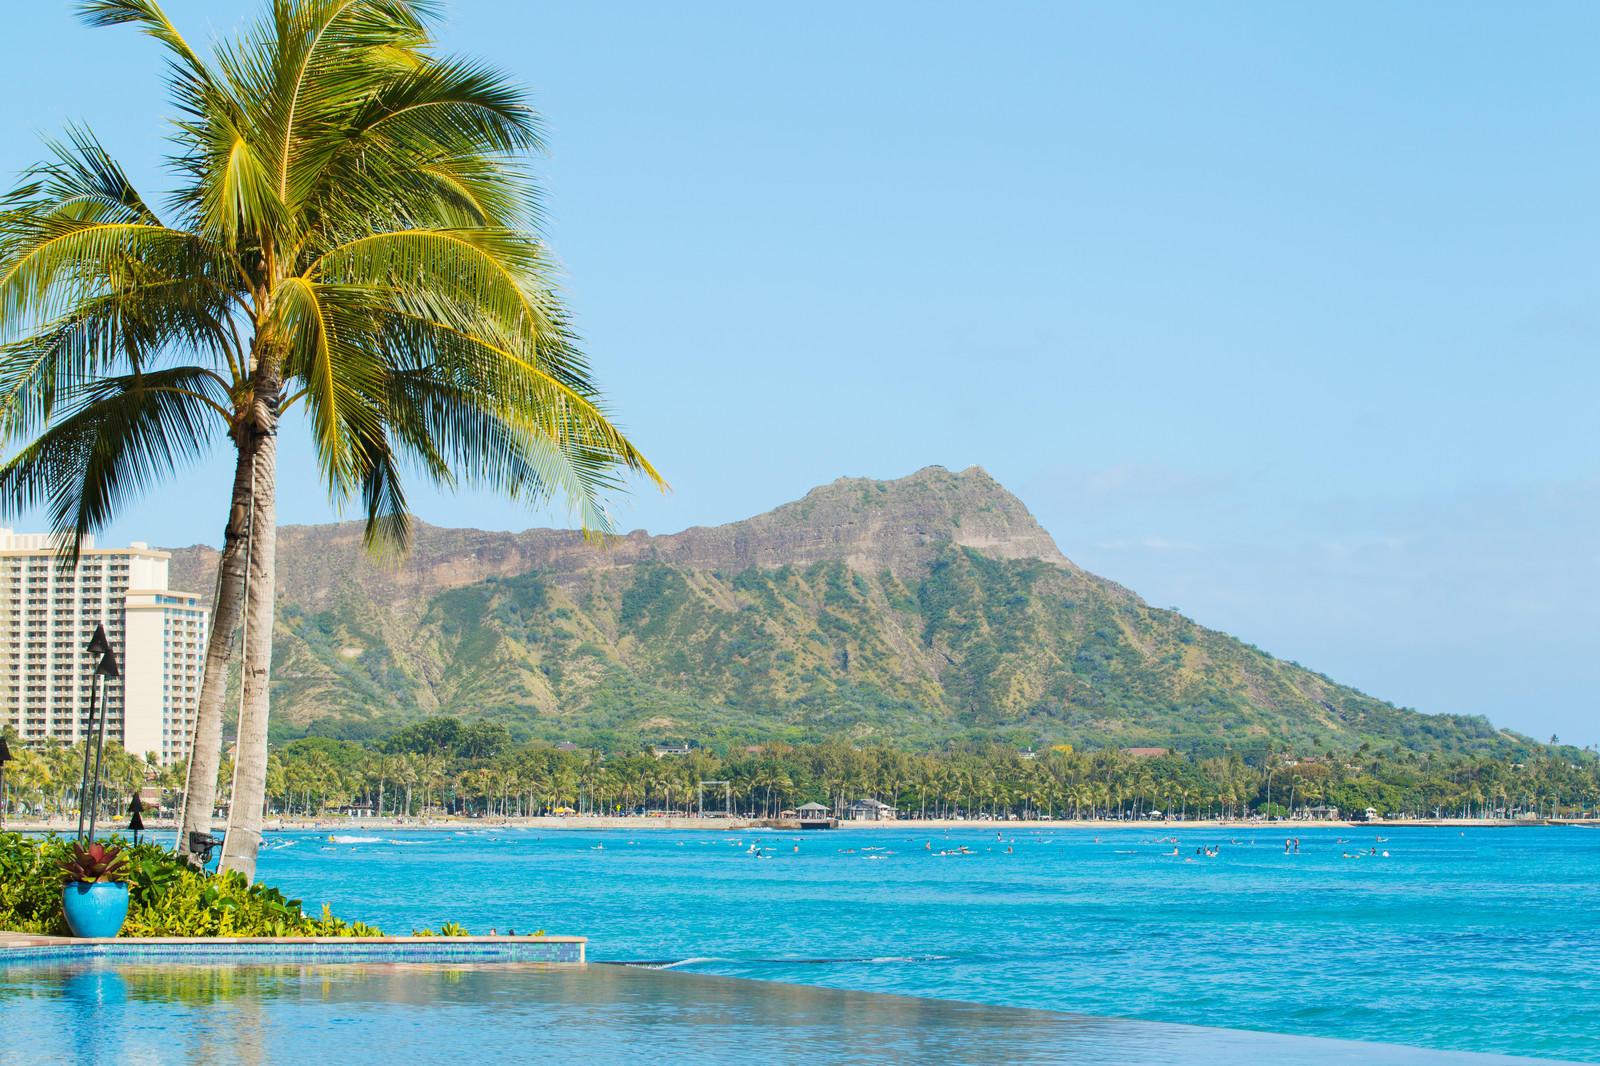 """币世界-加密货币的""""天堂乐园"""" ?2021年美国夏威夷对加密货币的需求增长超 687%"""